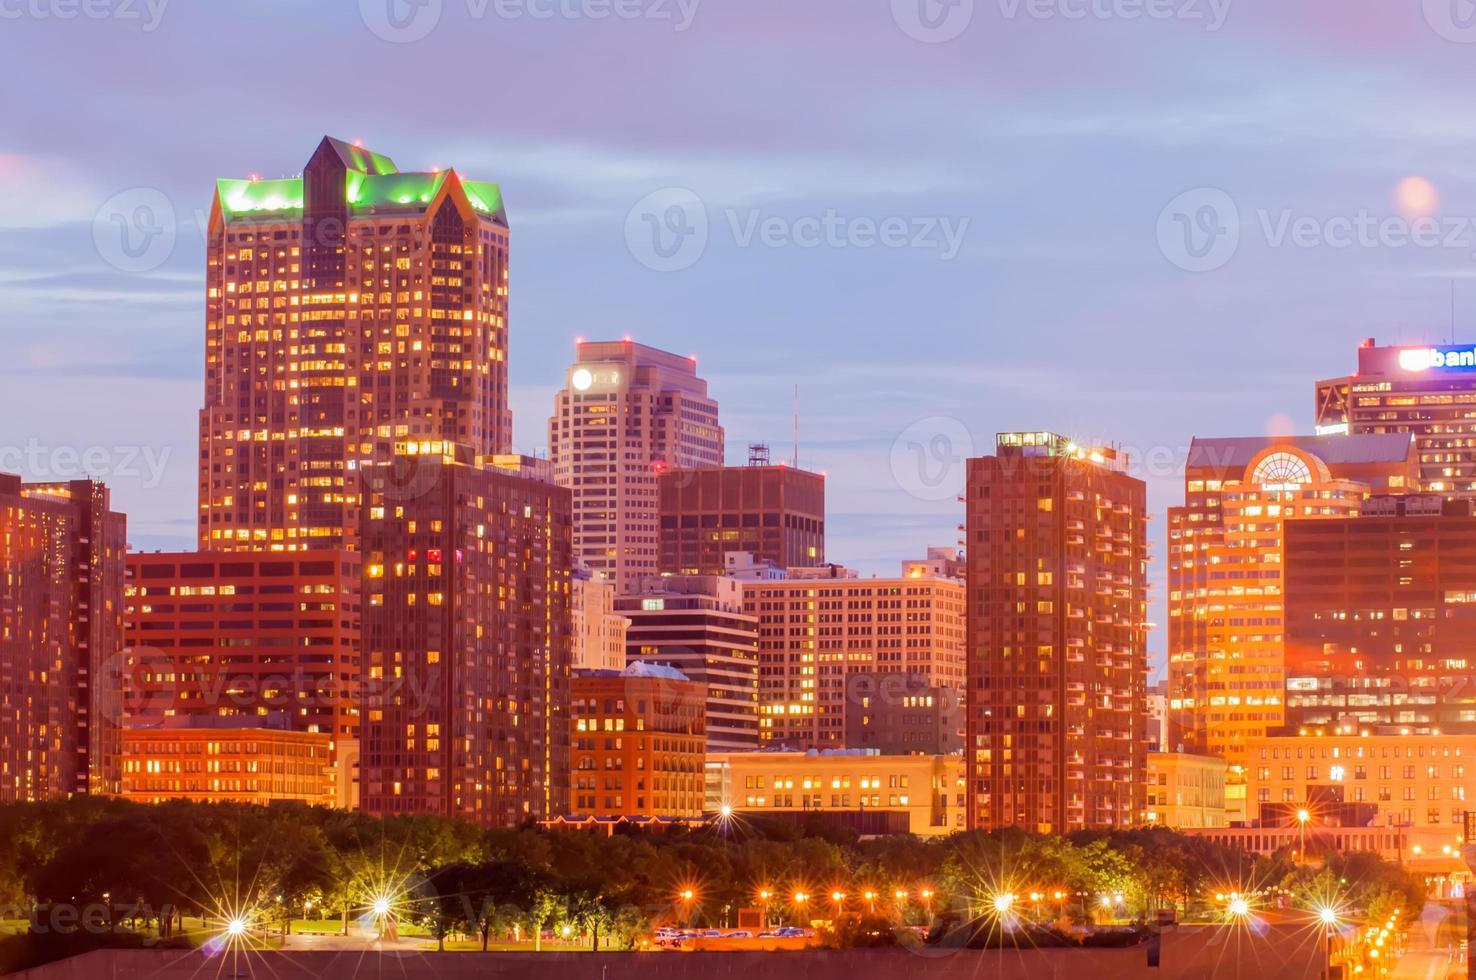 città di st. louis skyline. immagine di st. Louis foto